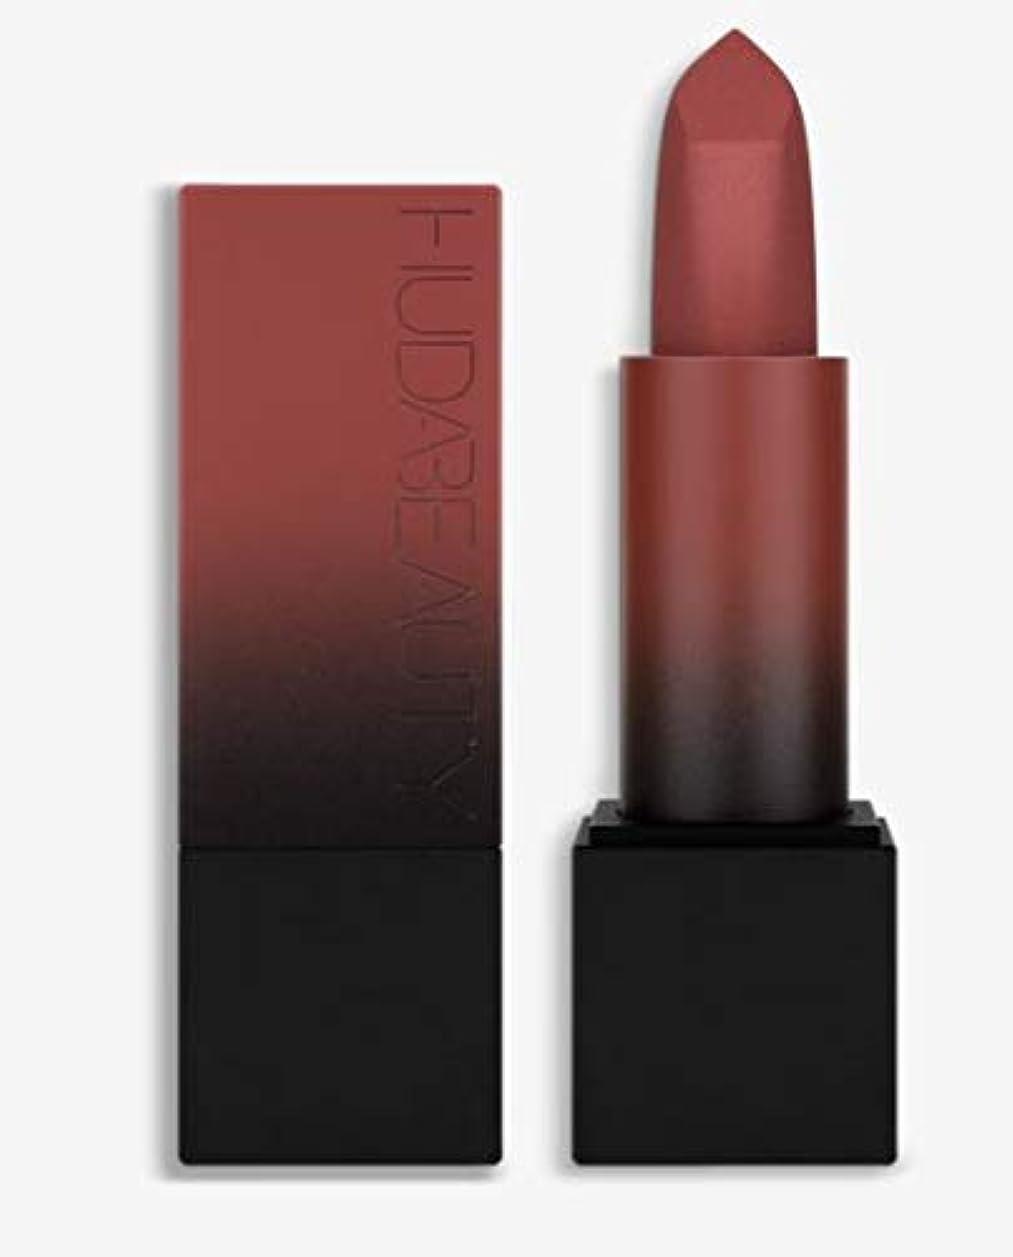 完全に乾く大実施するHudabeauty Power Bullet Matte Lipstick マットリップ Third Date